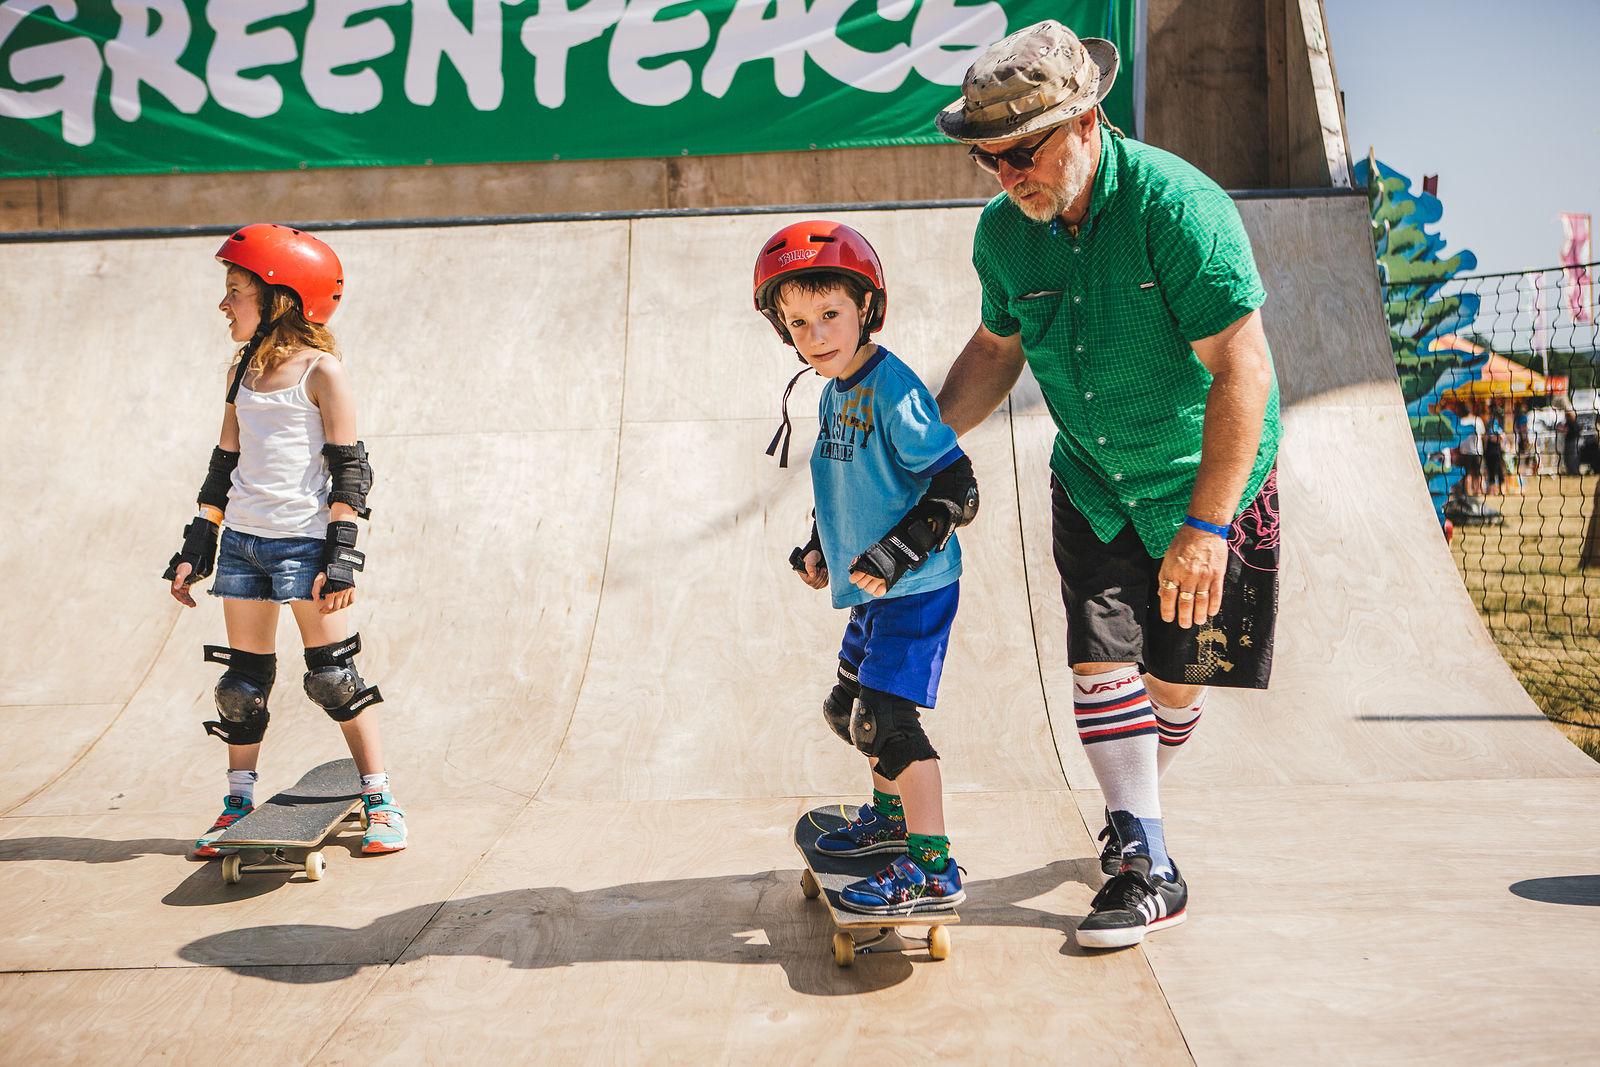 Greenpeace Skateboarding